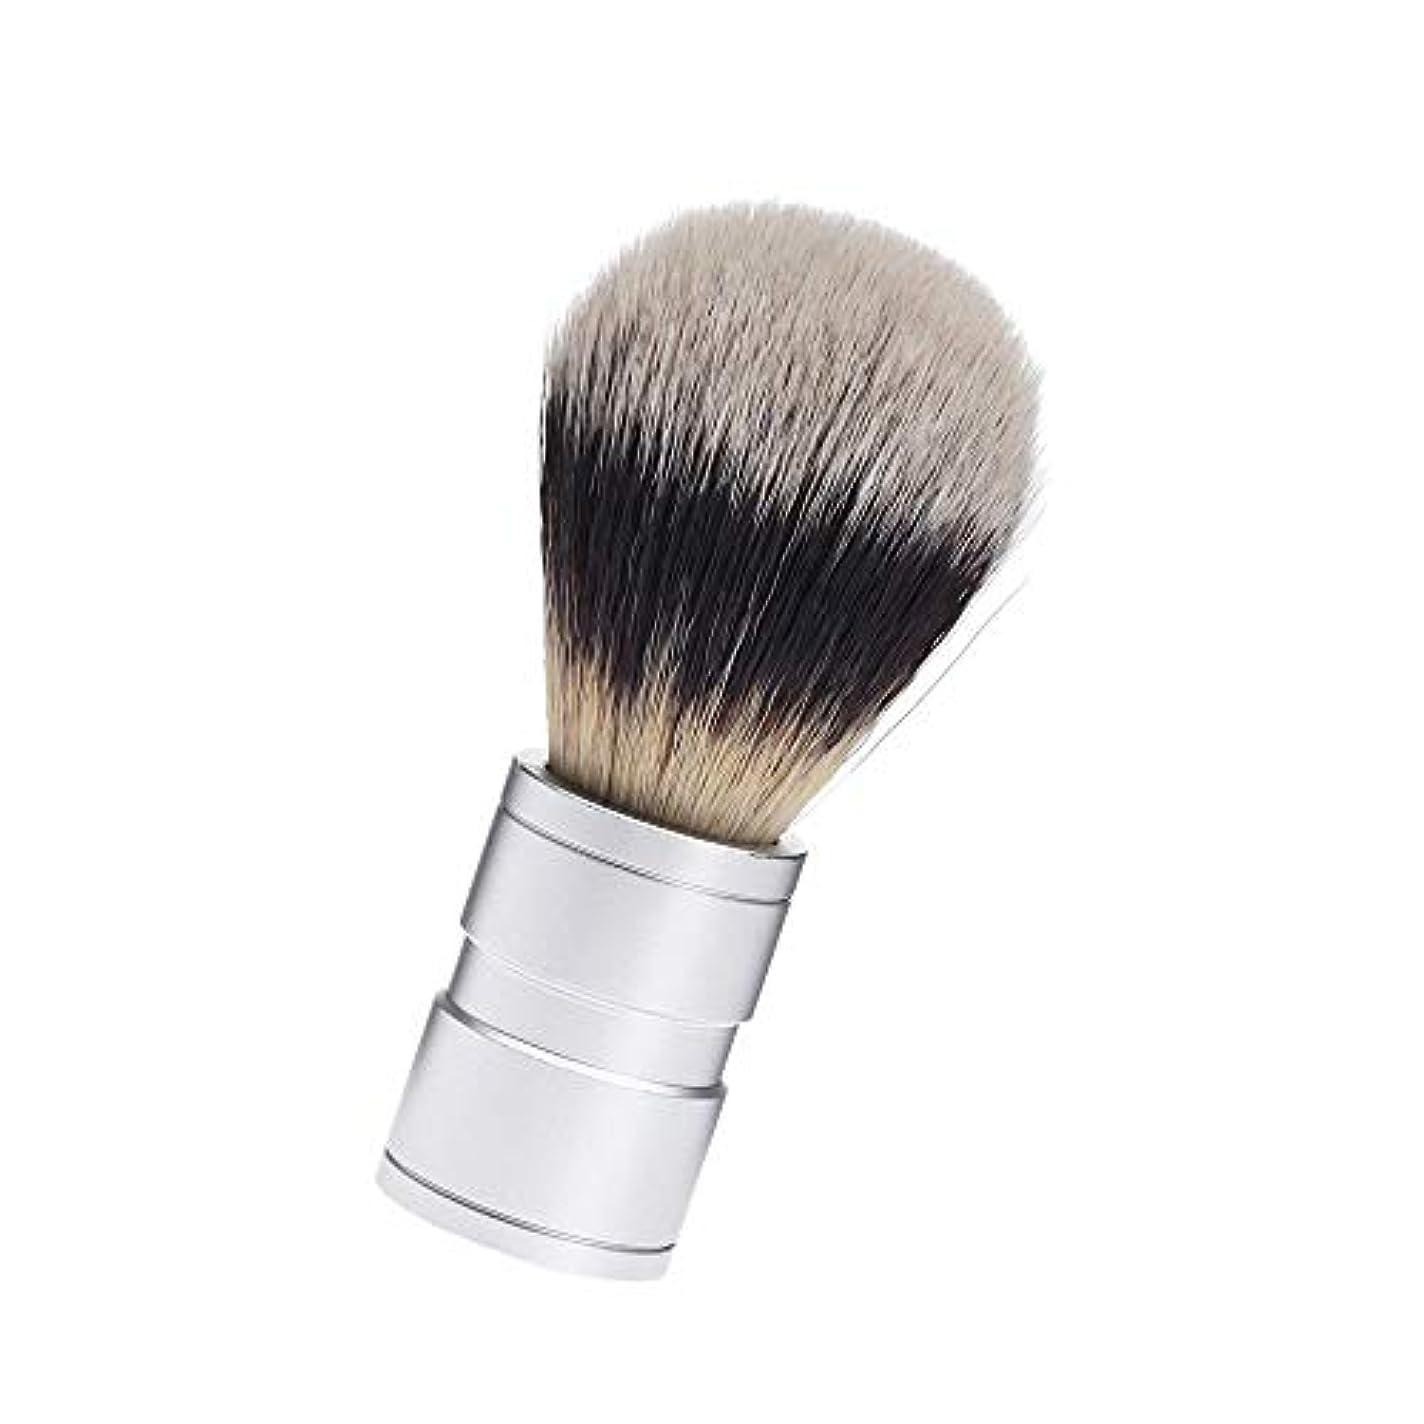 耐える特別な目指す1本セット 毛 ファイン シェービング用ブラシ シェービングブラシ 理容 洗顔 髭剃り